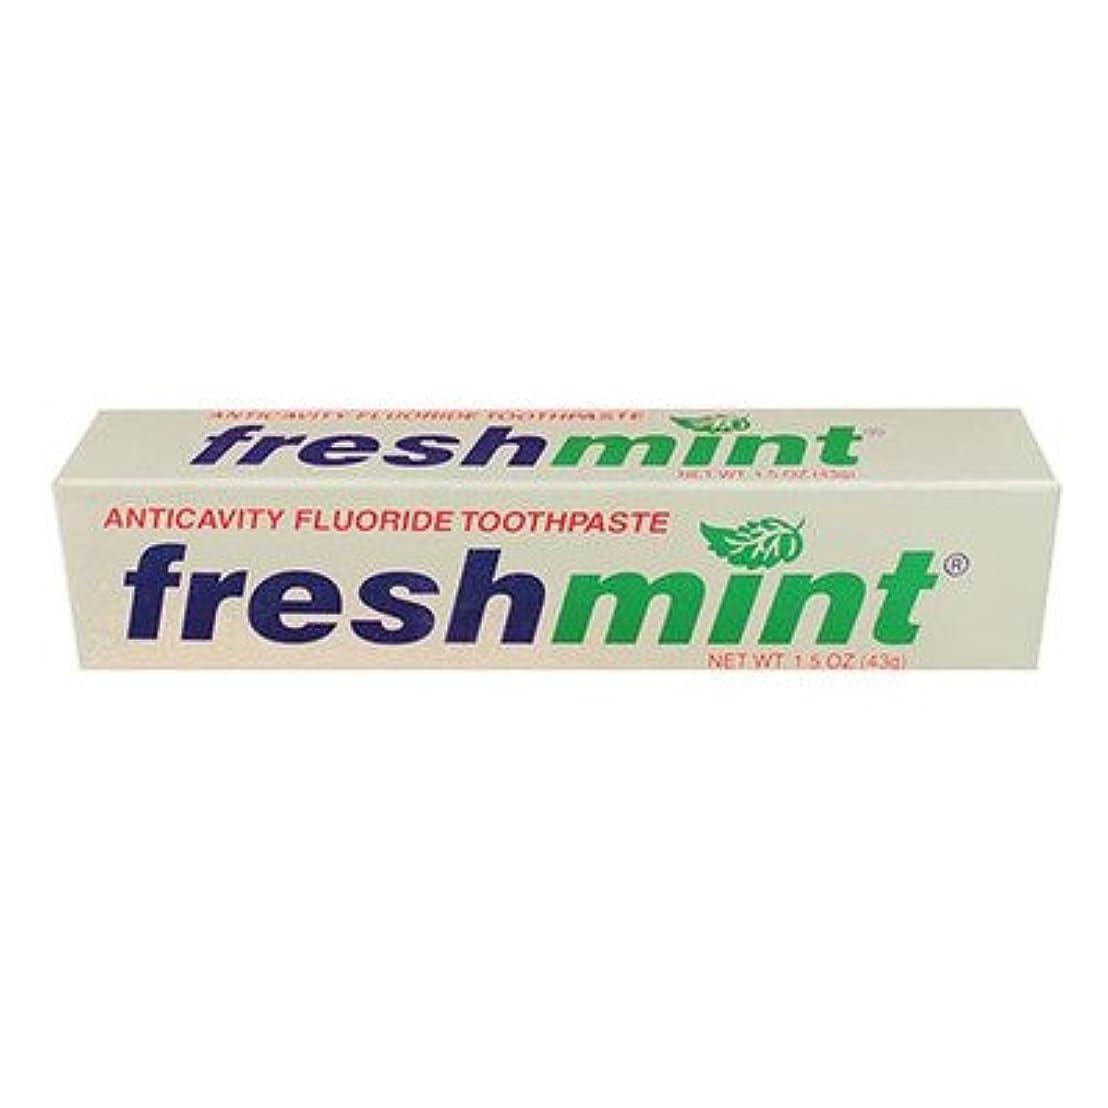 赤外線戻すがんばり続けるFreshmint Fluoride Toothpaste, 1.5 oz (Case of 144) by Freshmint